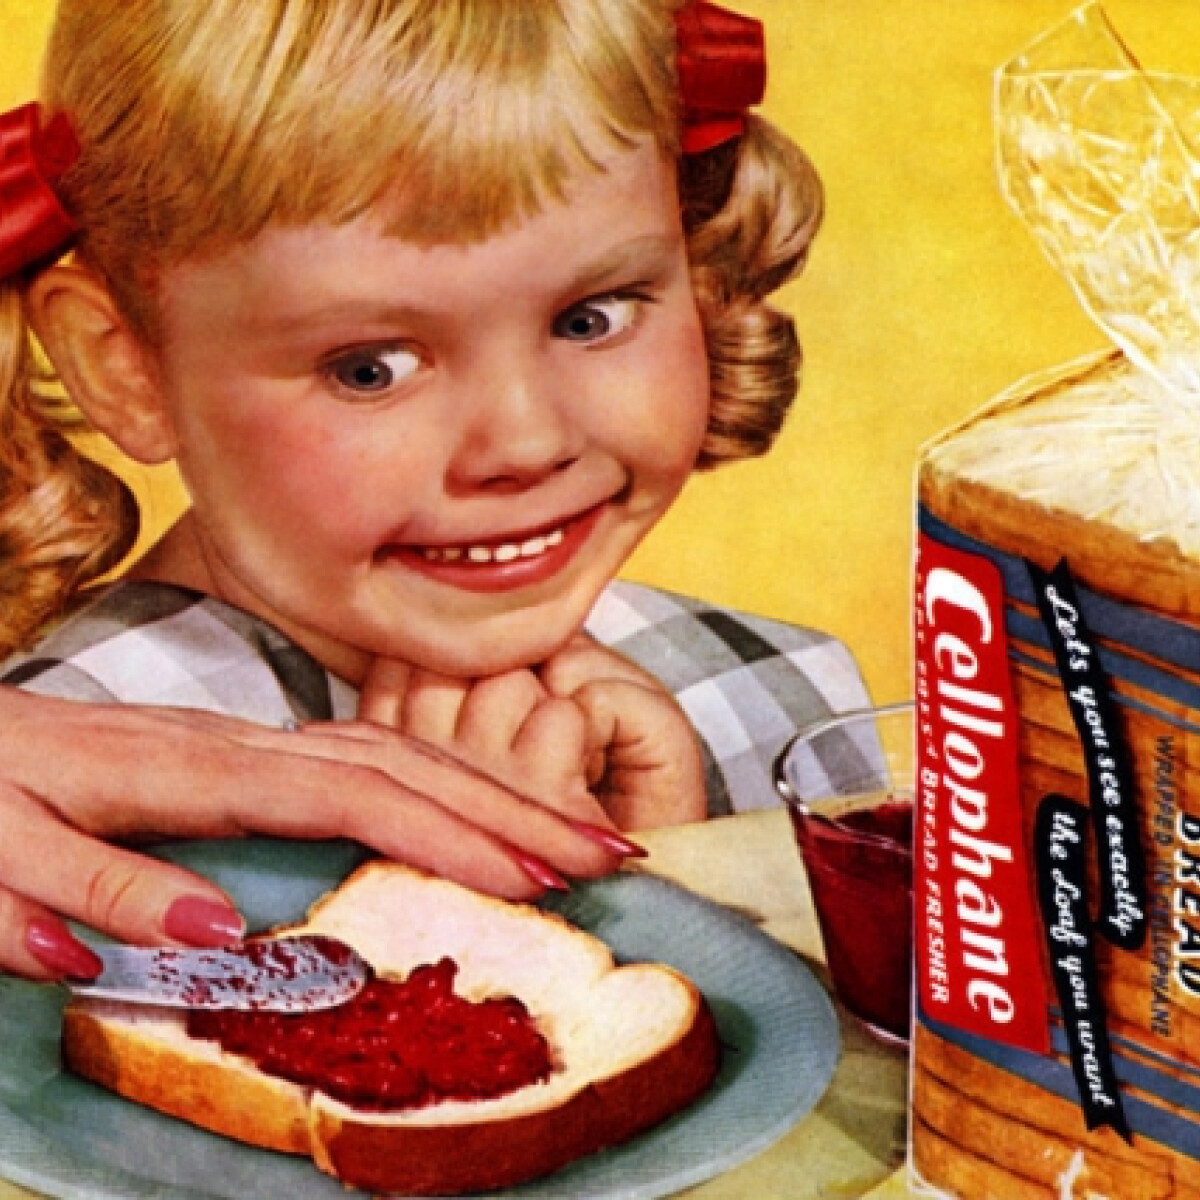 Dzsemek, lekvárok, ízek, gyertek! – Így lett a cukros gyümölcspépből egy egész világ kedvence